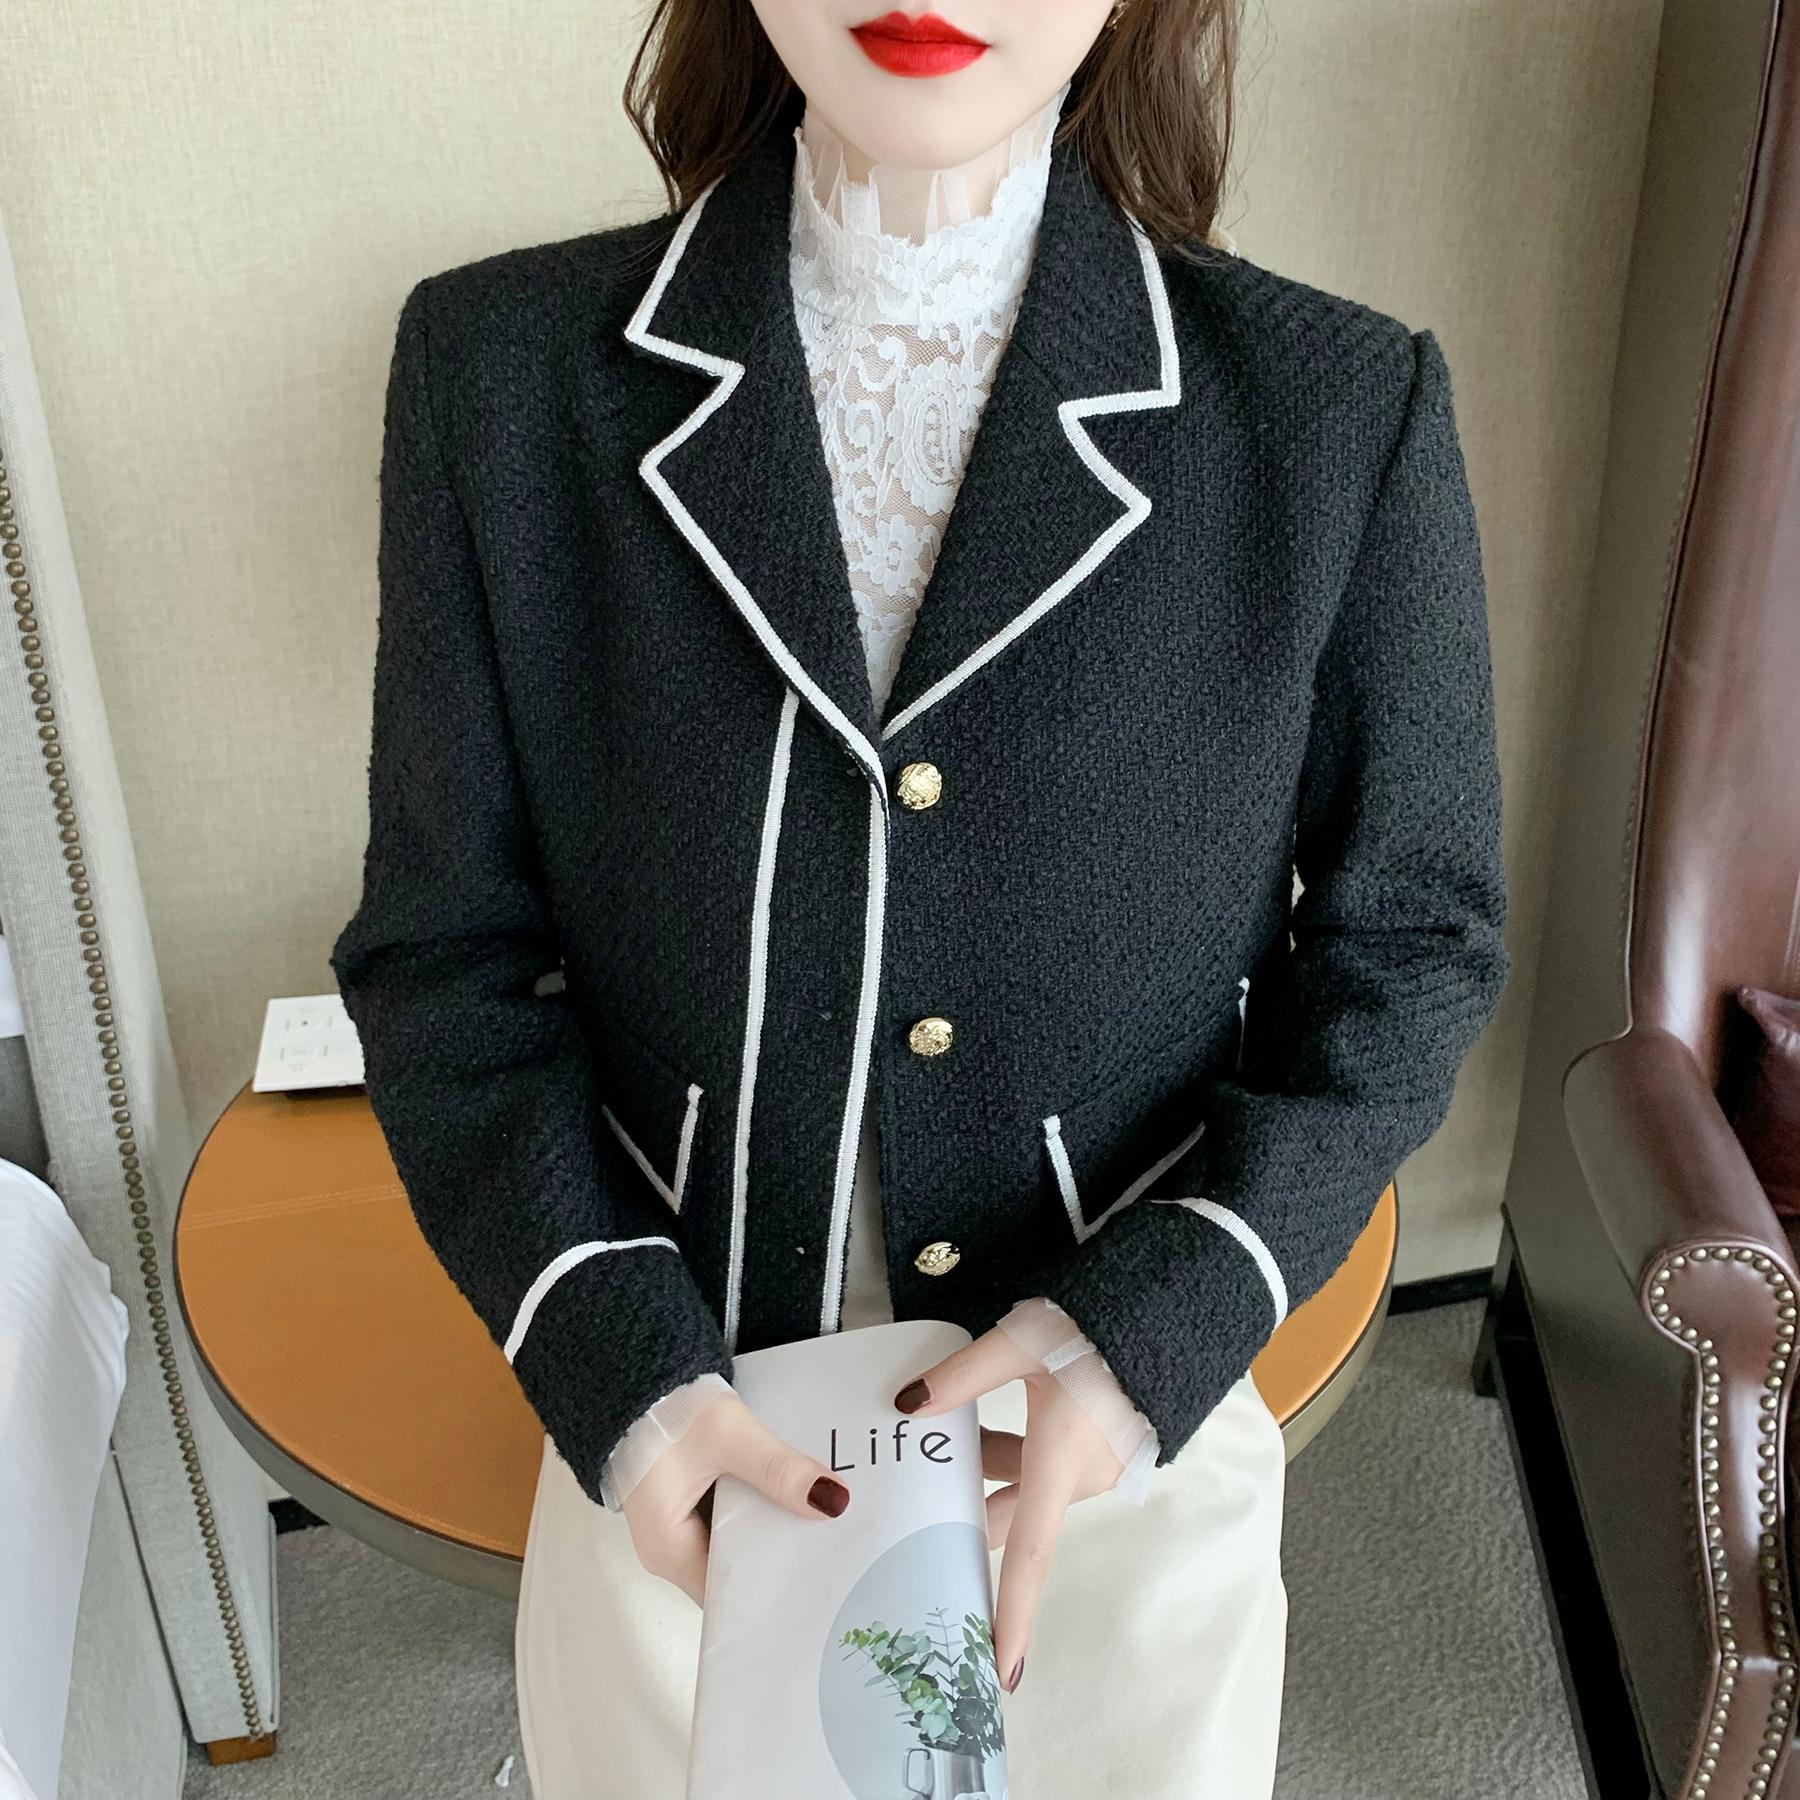 实拍2021秋季新款百搭黑色小香风西装外套女长袖高级感单排扣上衣